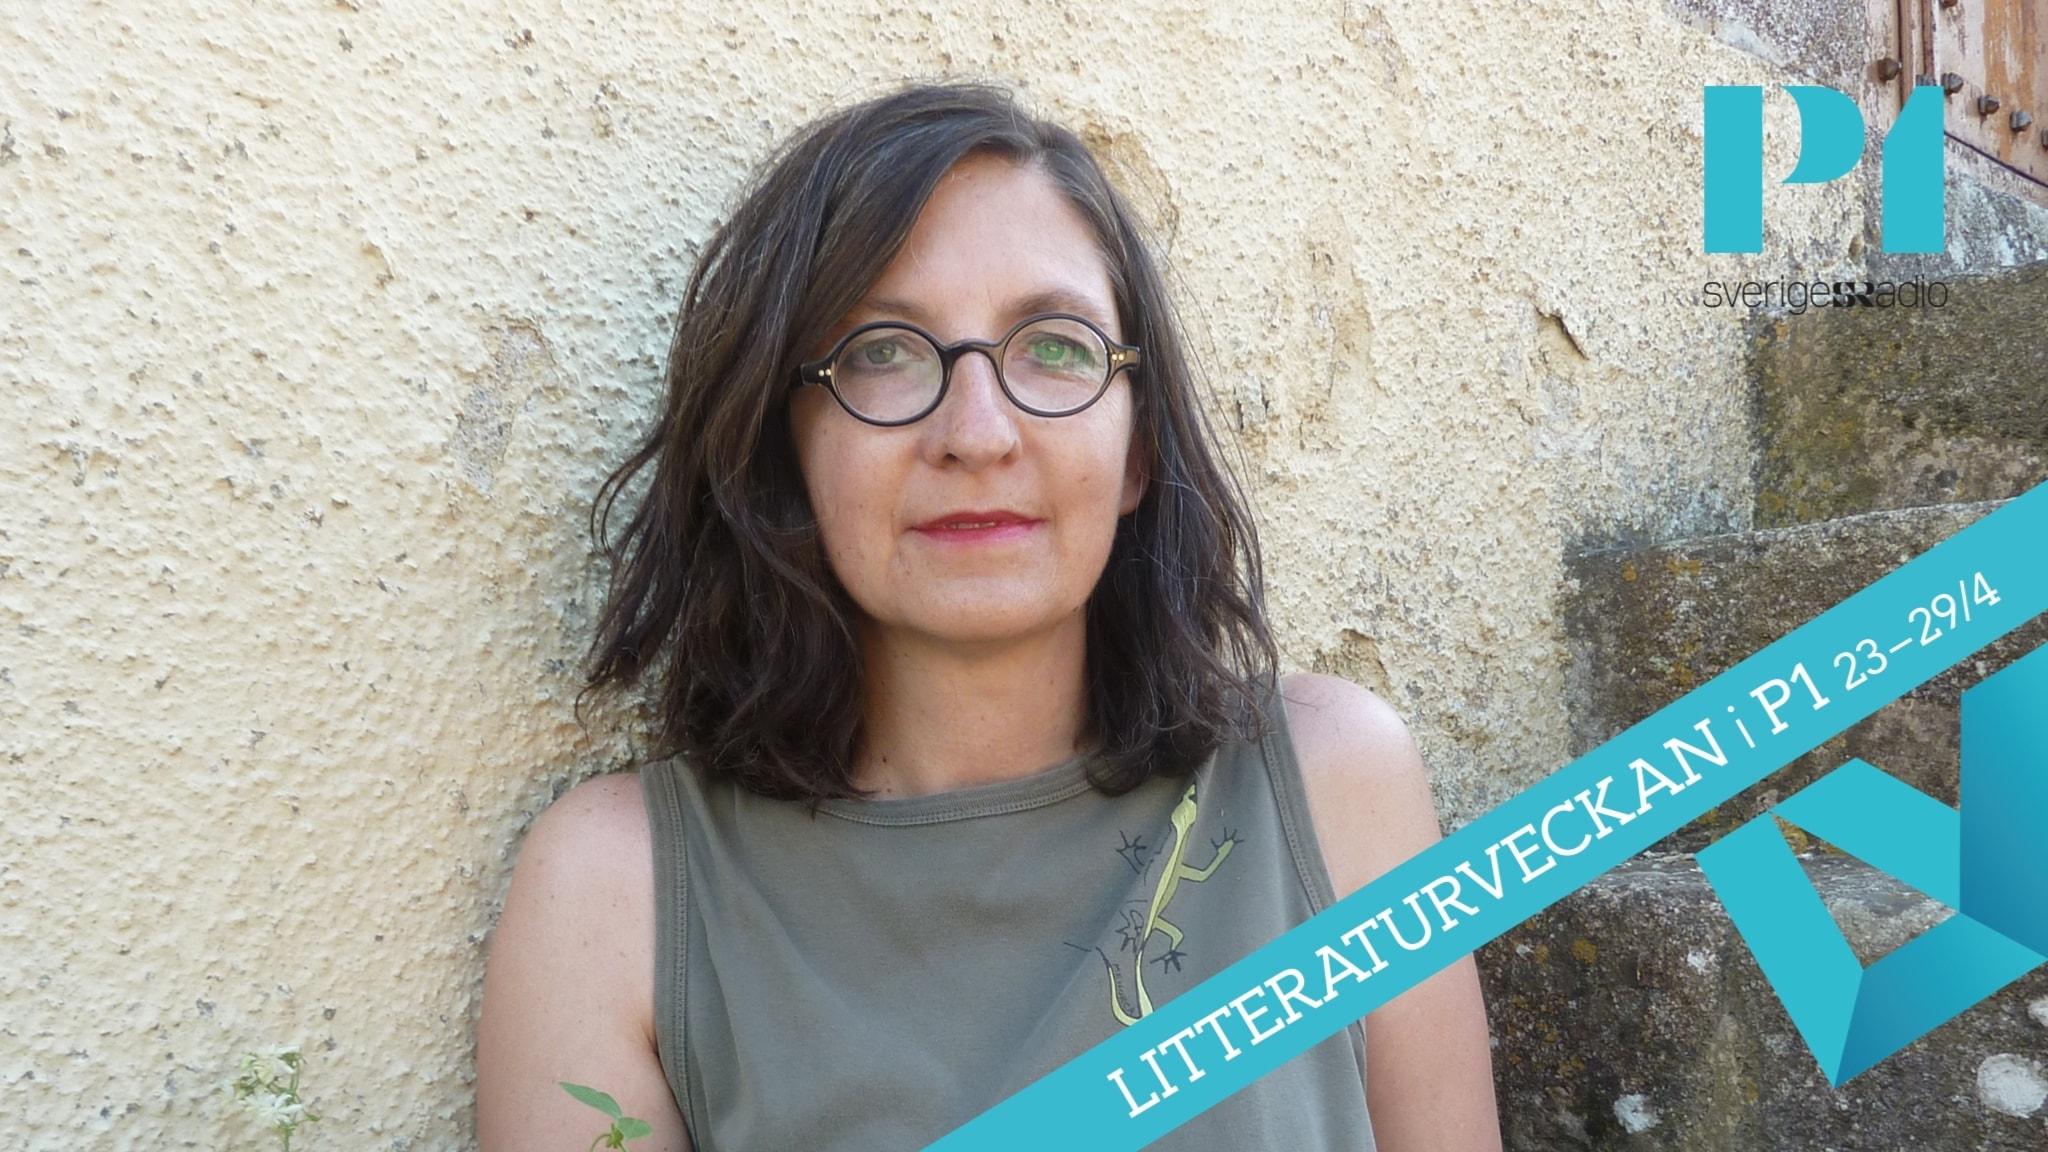 Litteraturveckan i P1: Sveriges Radios Romanpris till Caterina Pascual Söderbaum